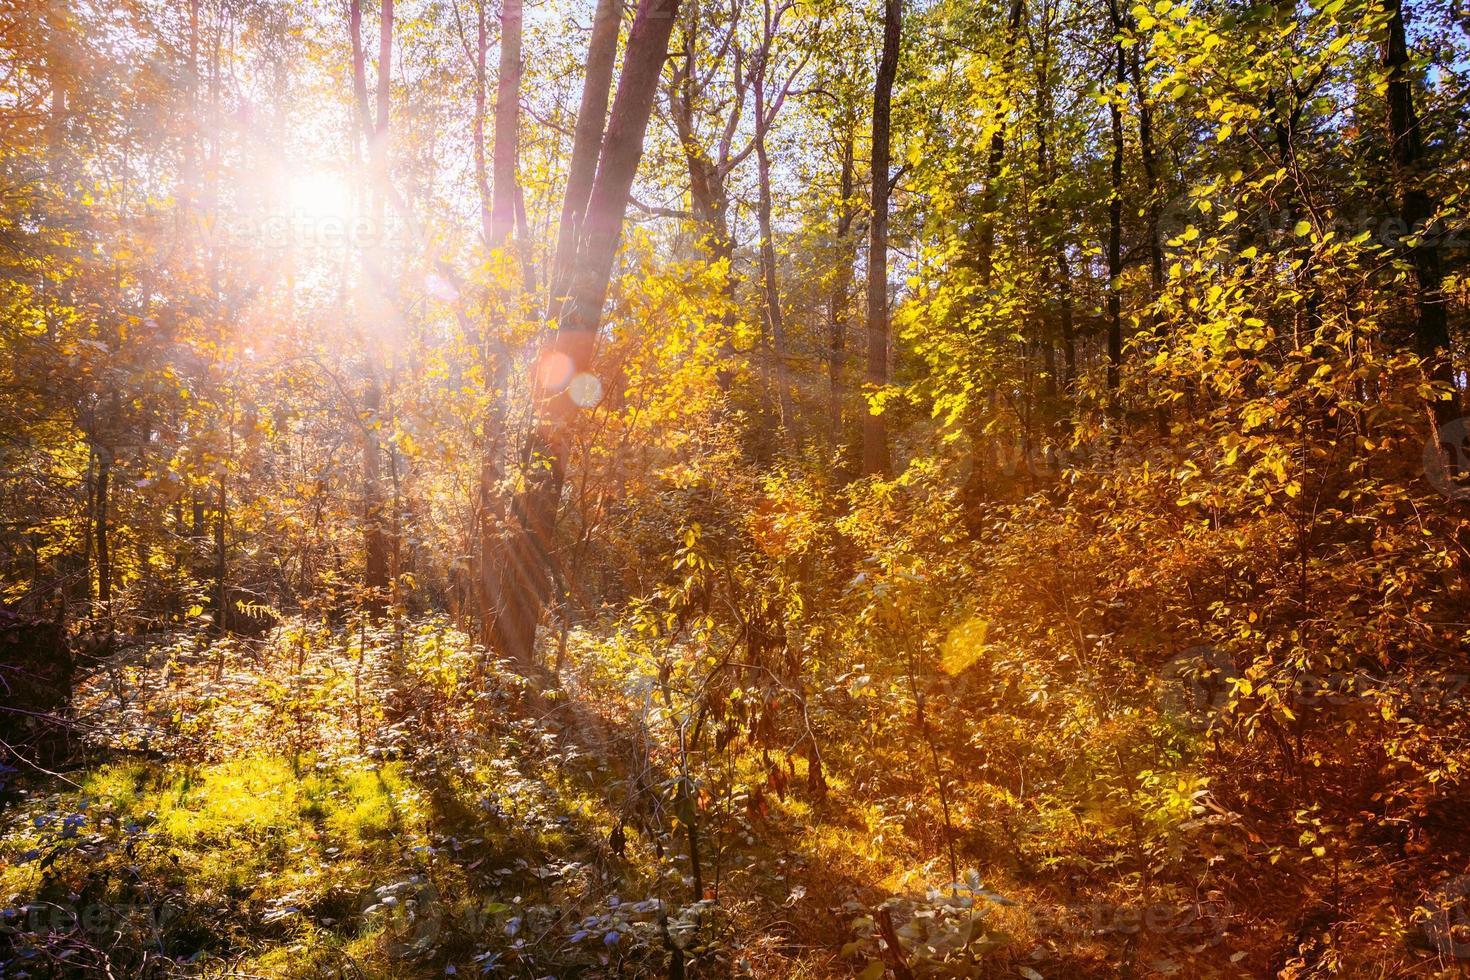 día soleado en otoño soleado bosque árboles. bosques de naturaleza, luz solar foto